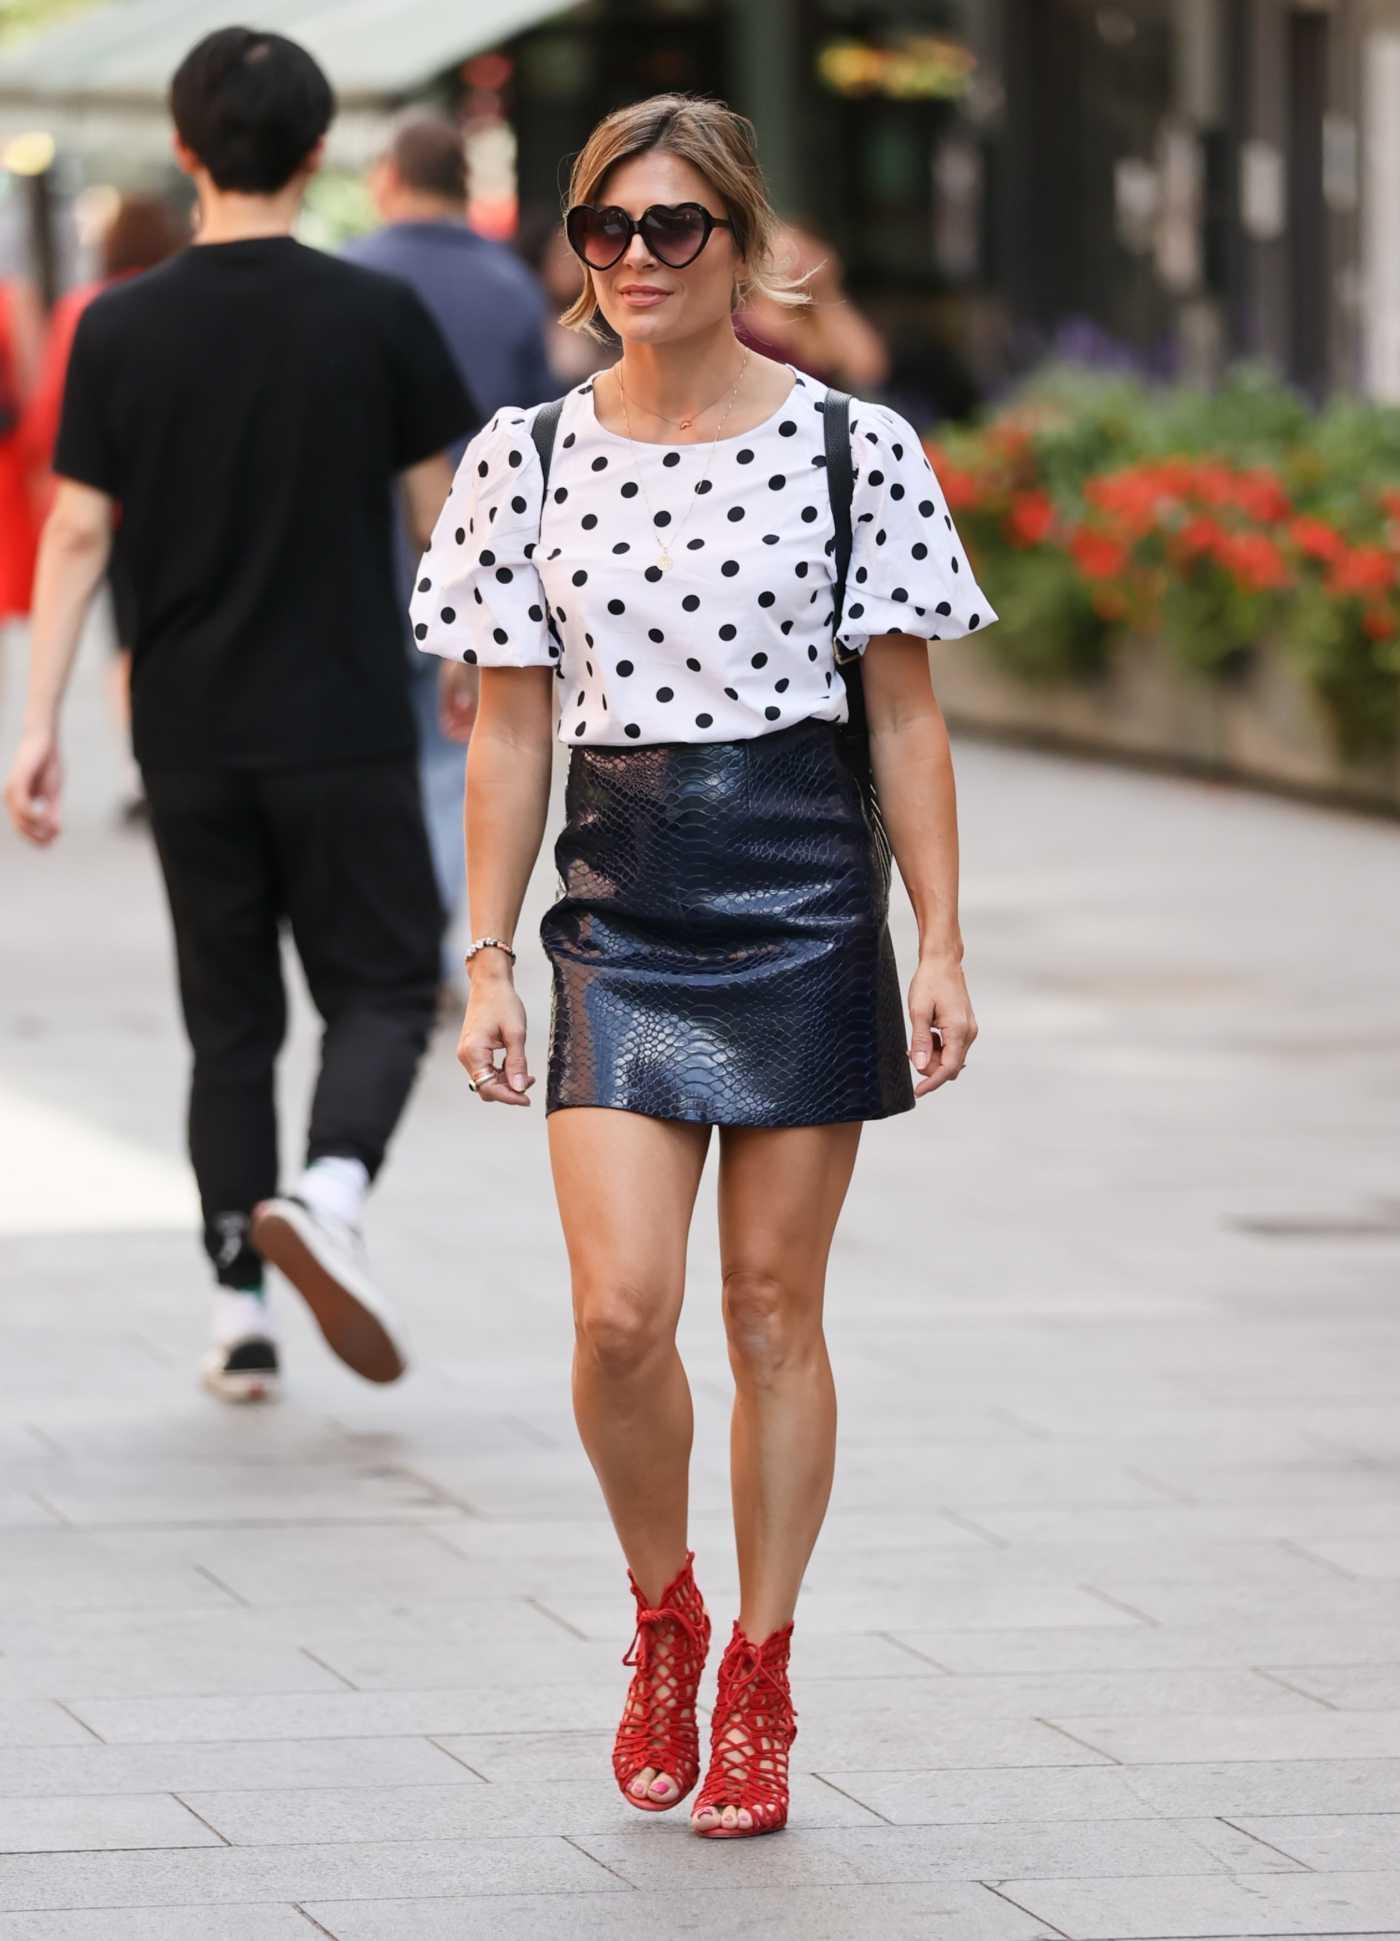 Zoe Hardman in a Black Vinyl Miniskirt Was Seen Out in London 08/05/2020